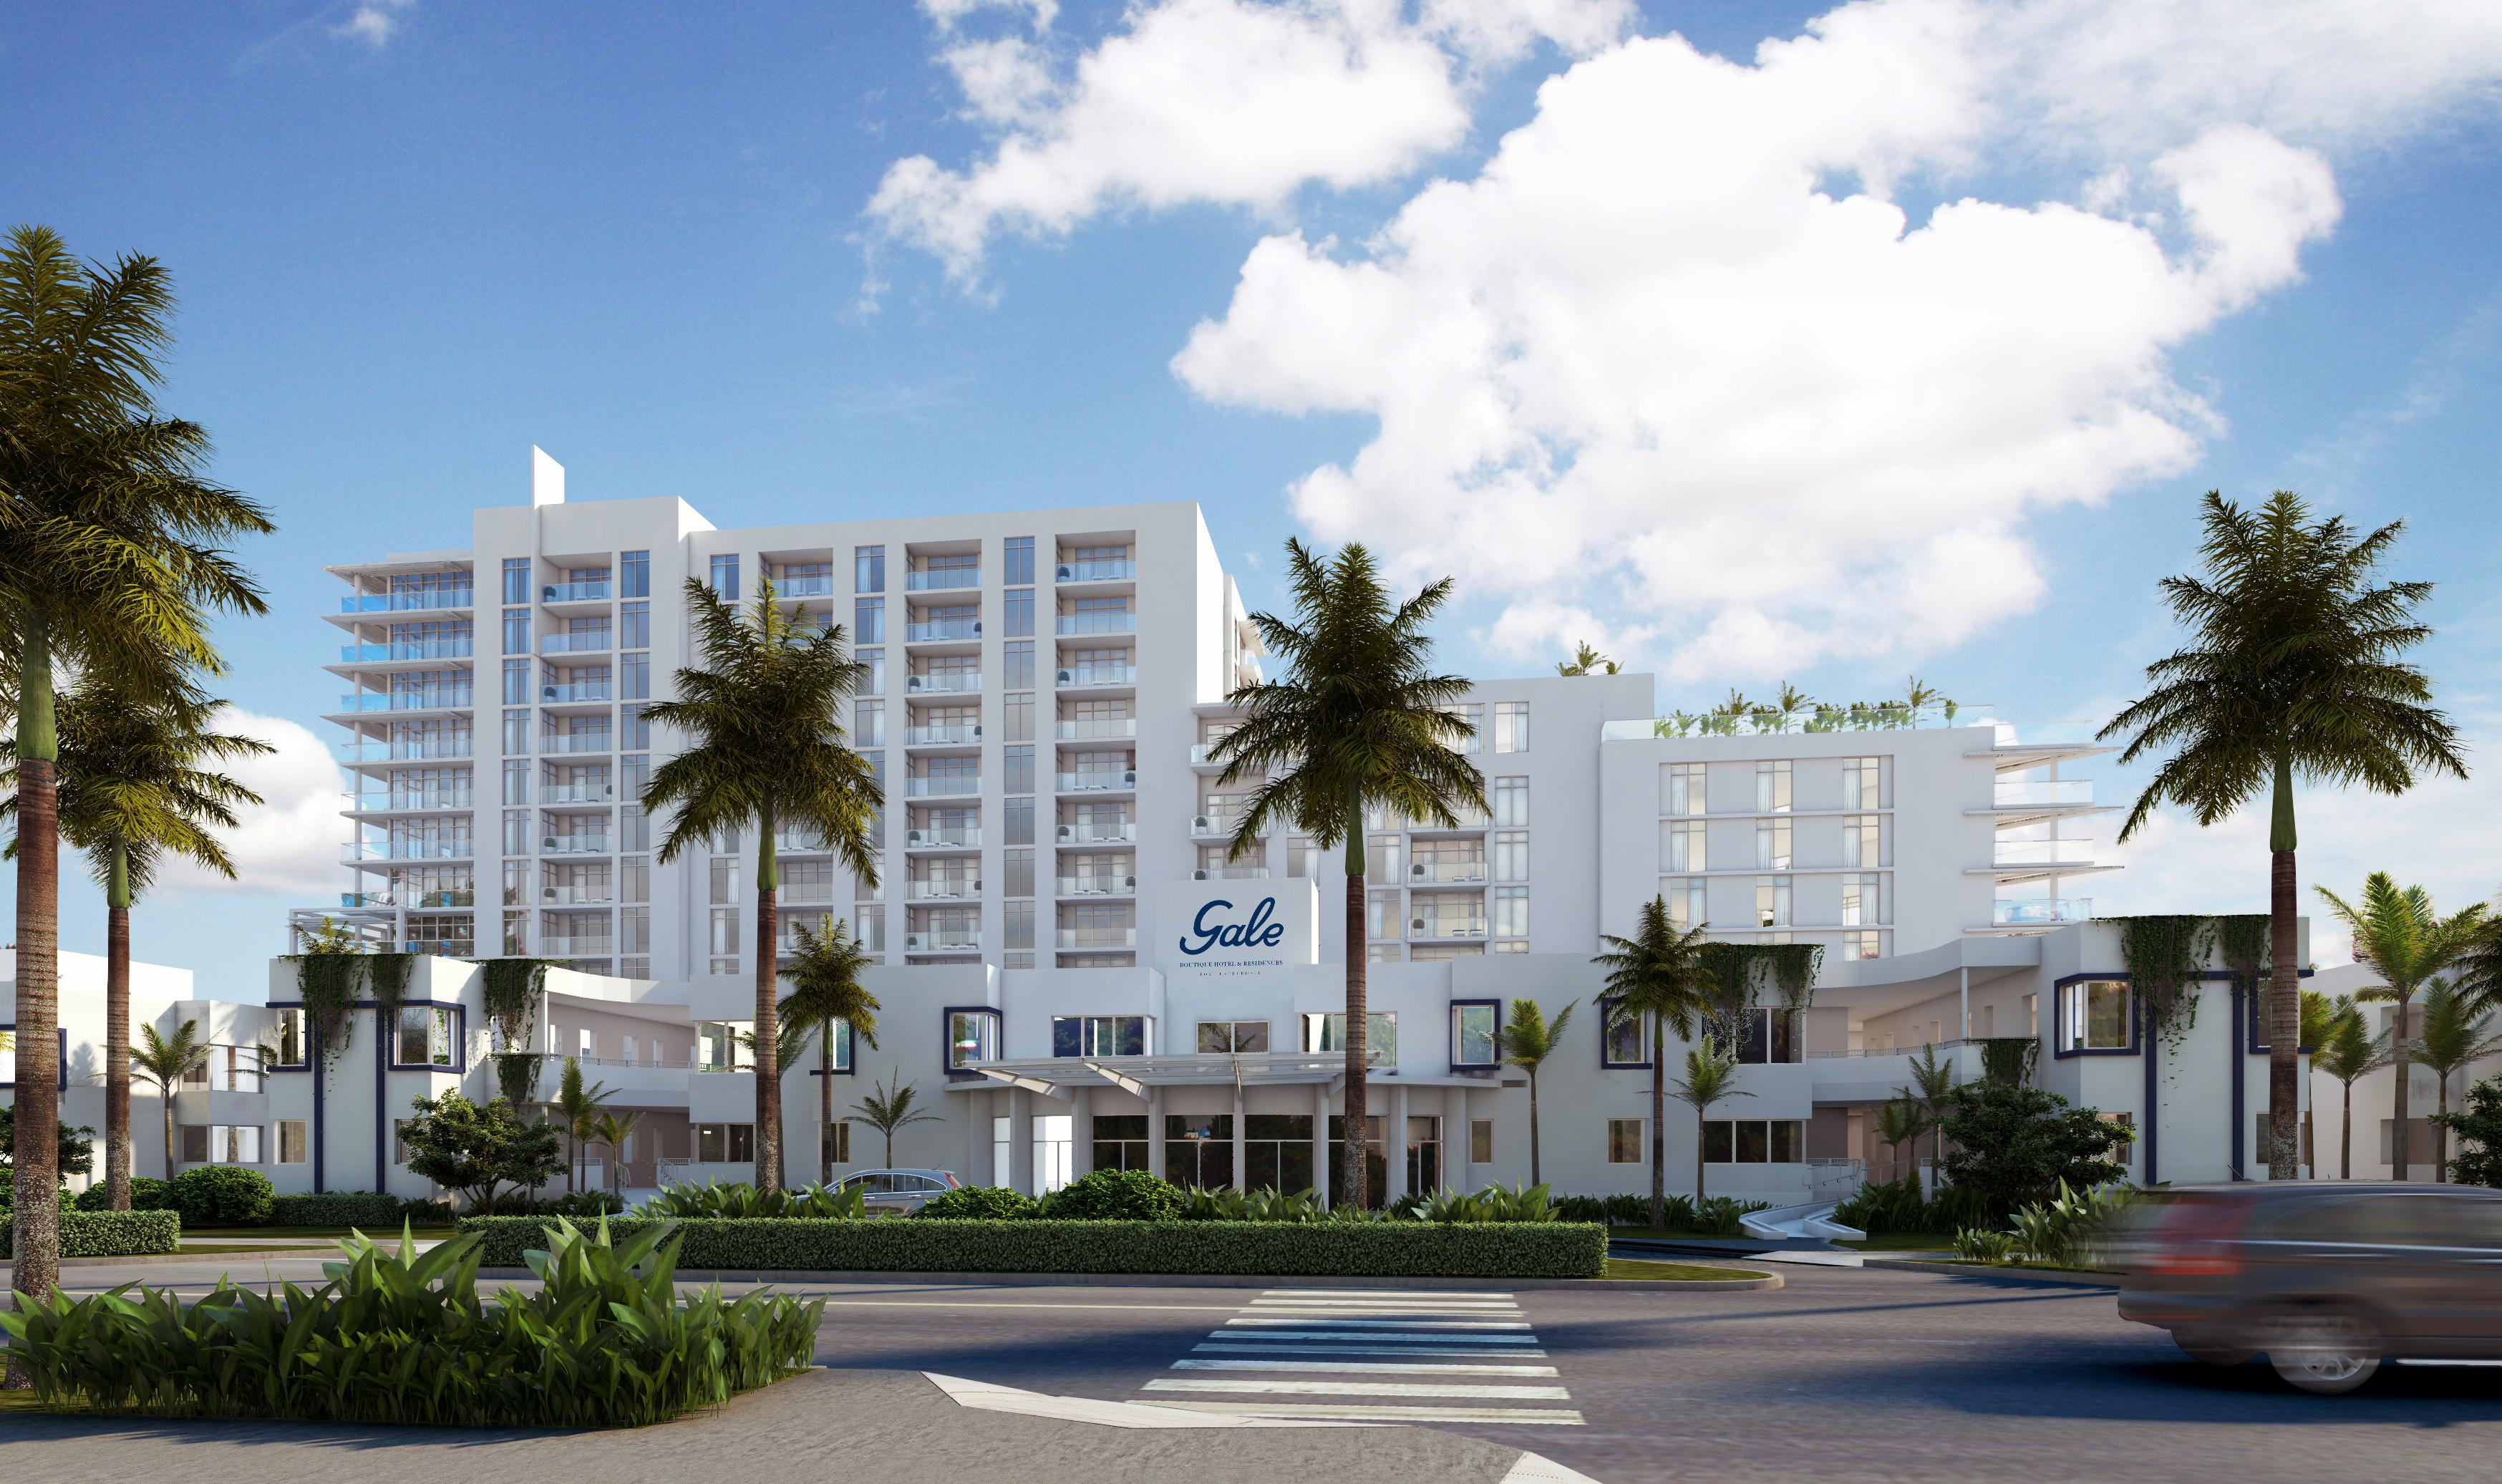 Appartamento per Vendita alle ore 401 Bayshore Dr #700 401 Bayshore Dr 700 Fort Lauderdale, Florida, 33304 Stati Uniti